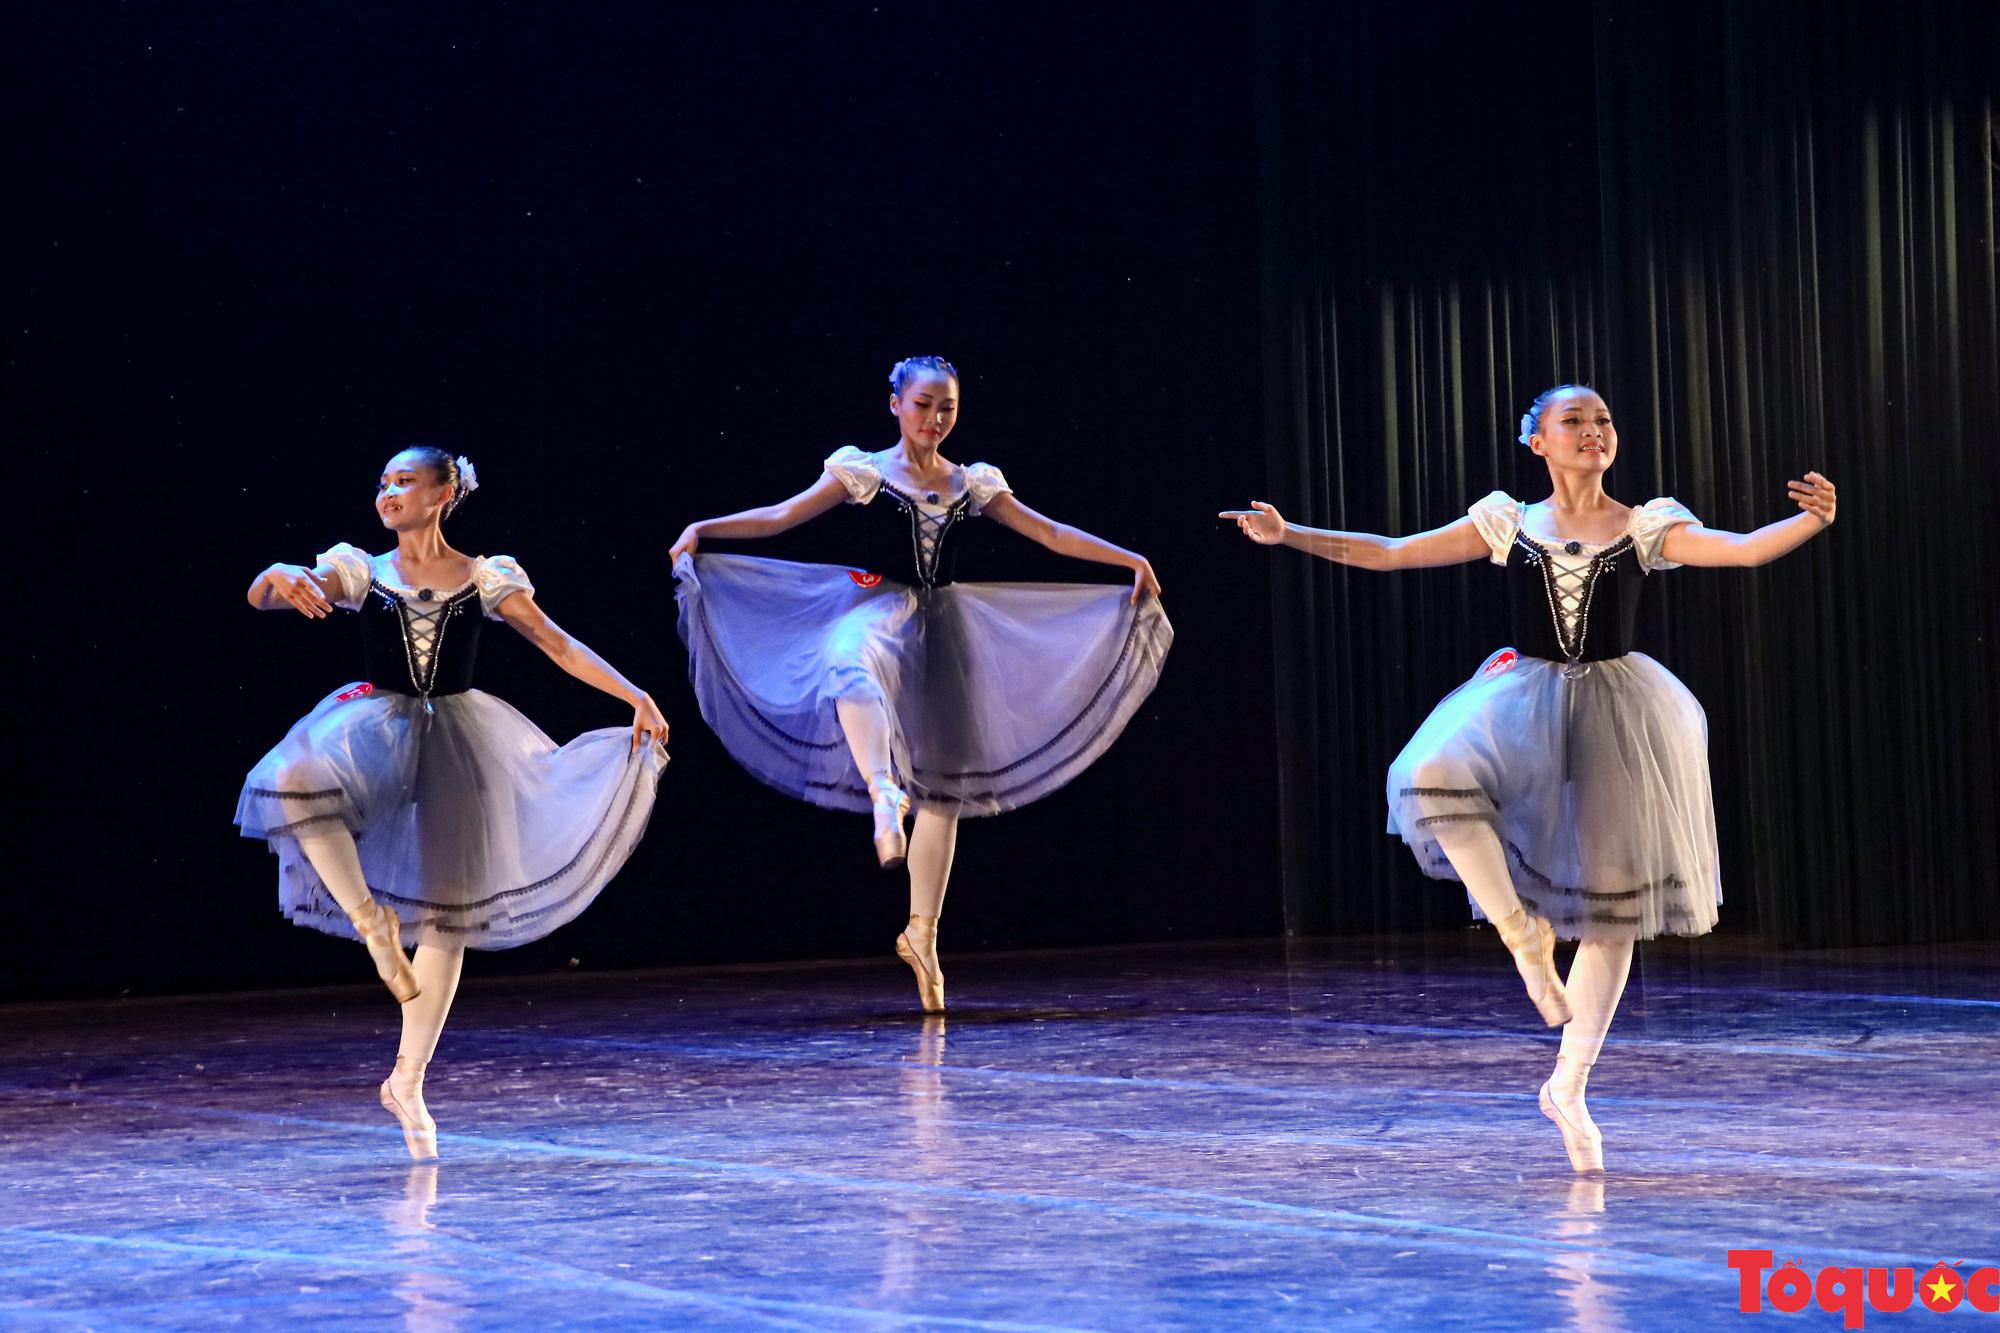 Nhiều bài thi ấn tượng trong đêm khai mạc cuộc thi Tài năng diễn viên múa 2020 khu vực phía Bắc - Ảnh 9.